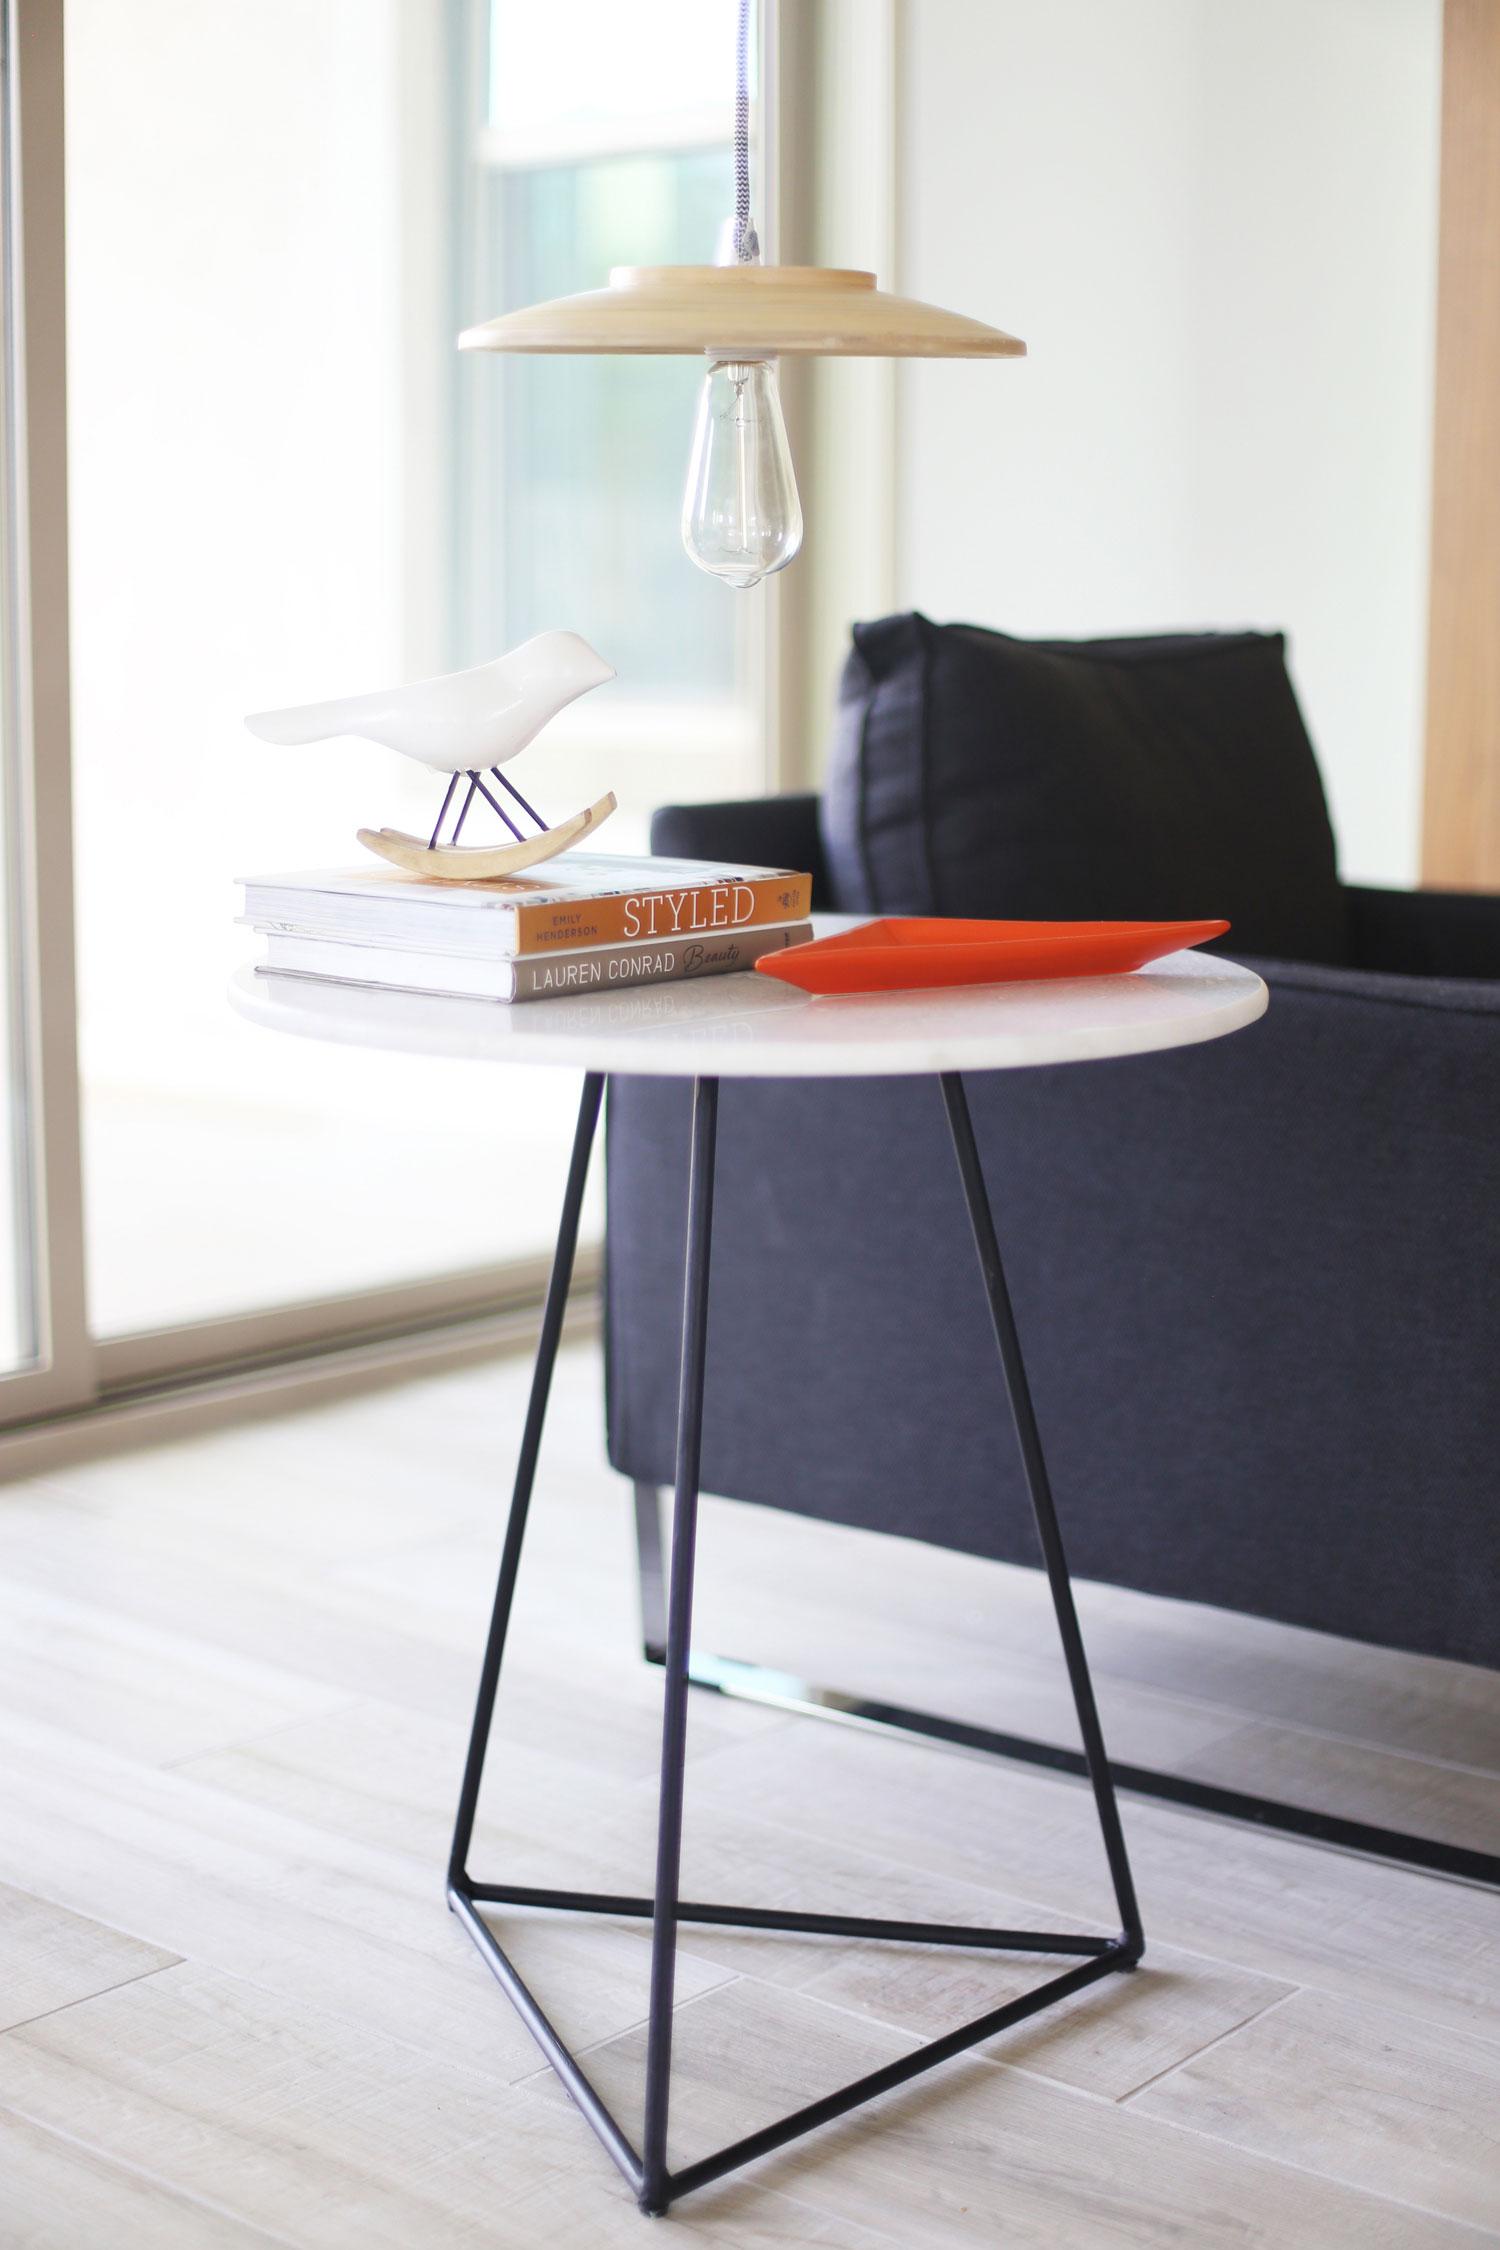 Use An Ikea Bowl For This Diy Light Kristi Murphy Diy Blog